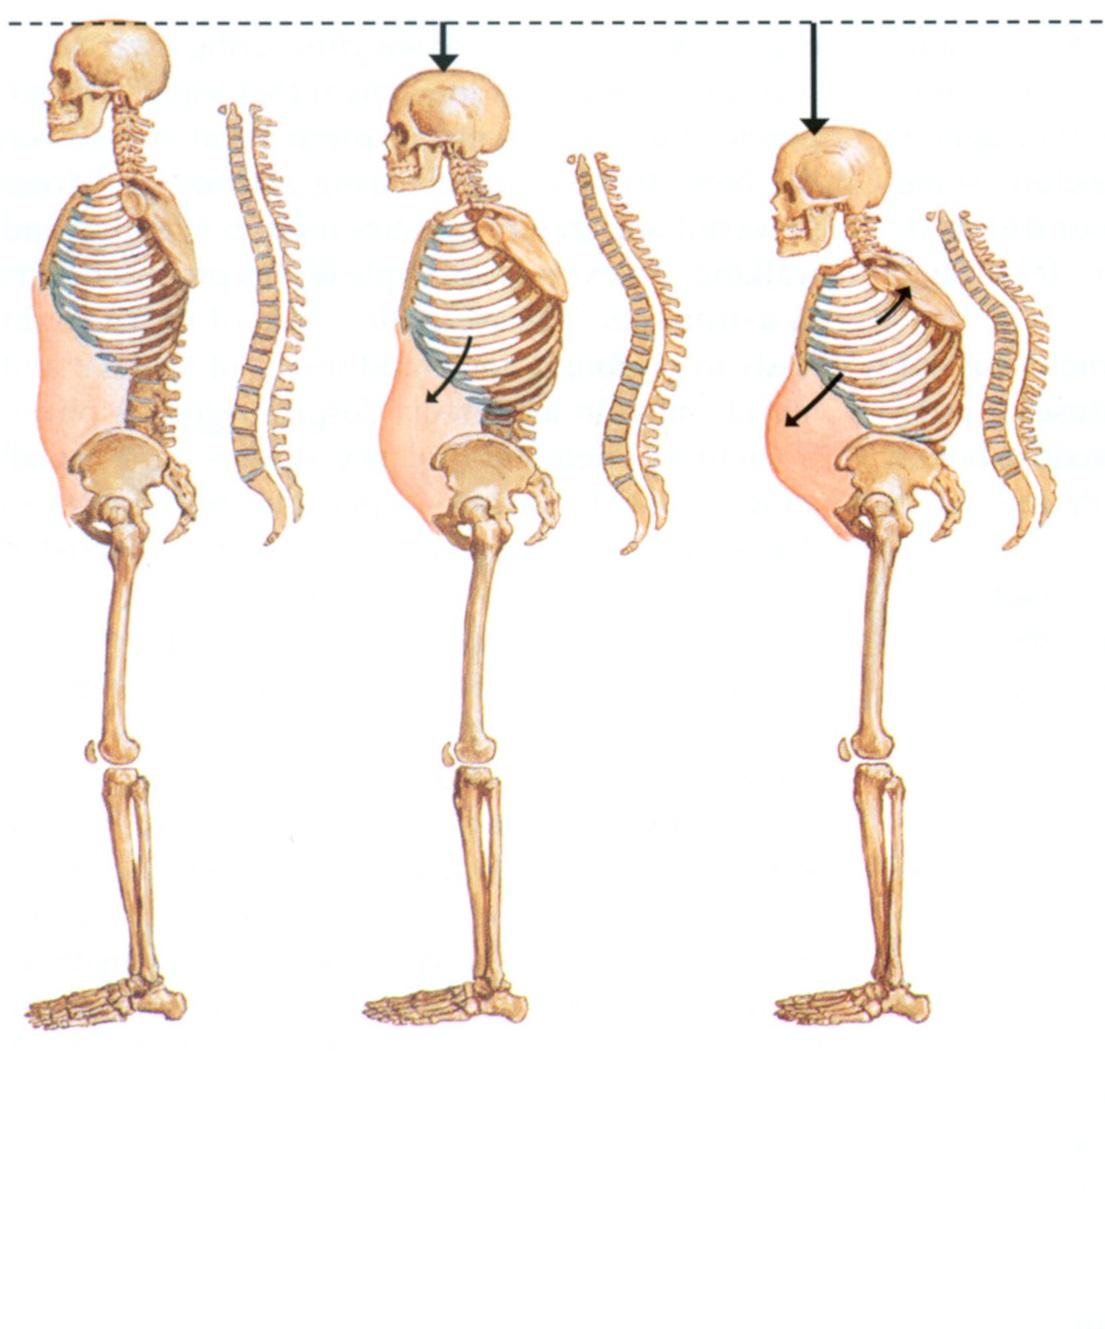 Причины артроза грудного отдела. Диагностика и лечение